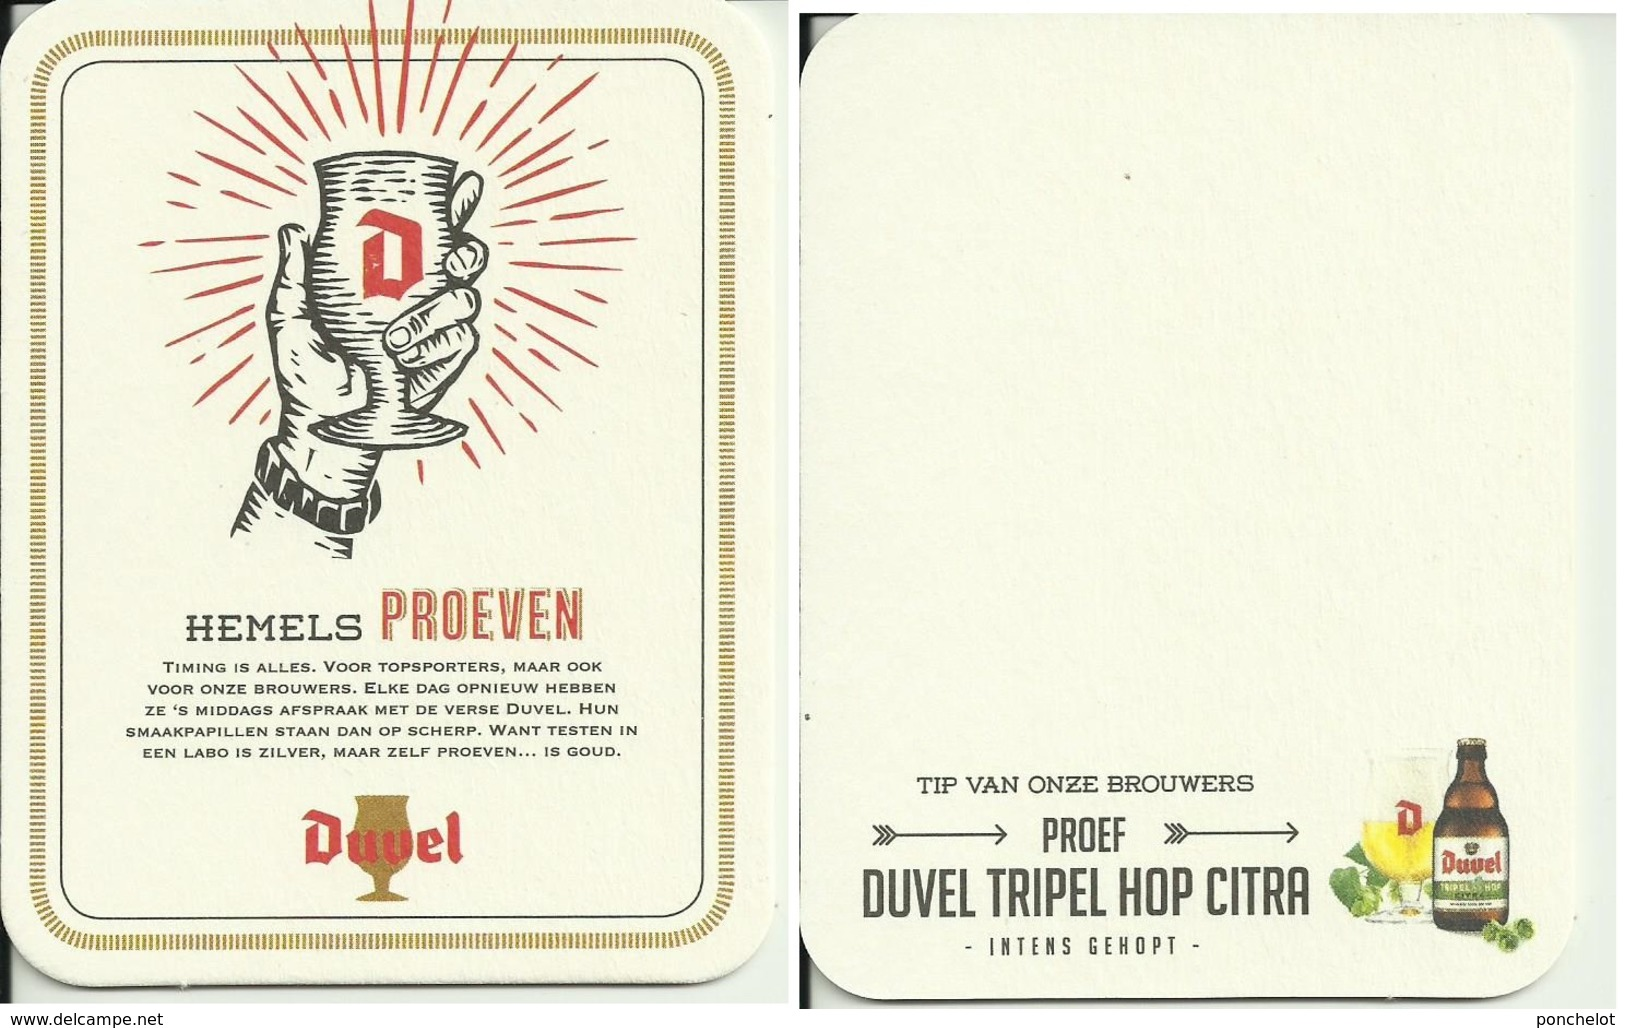 SB DUVEL Hemels Proeven - Sous-bocks